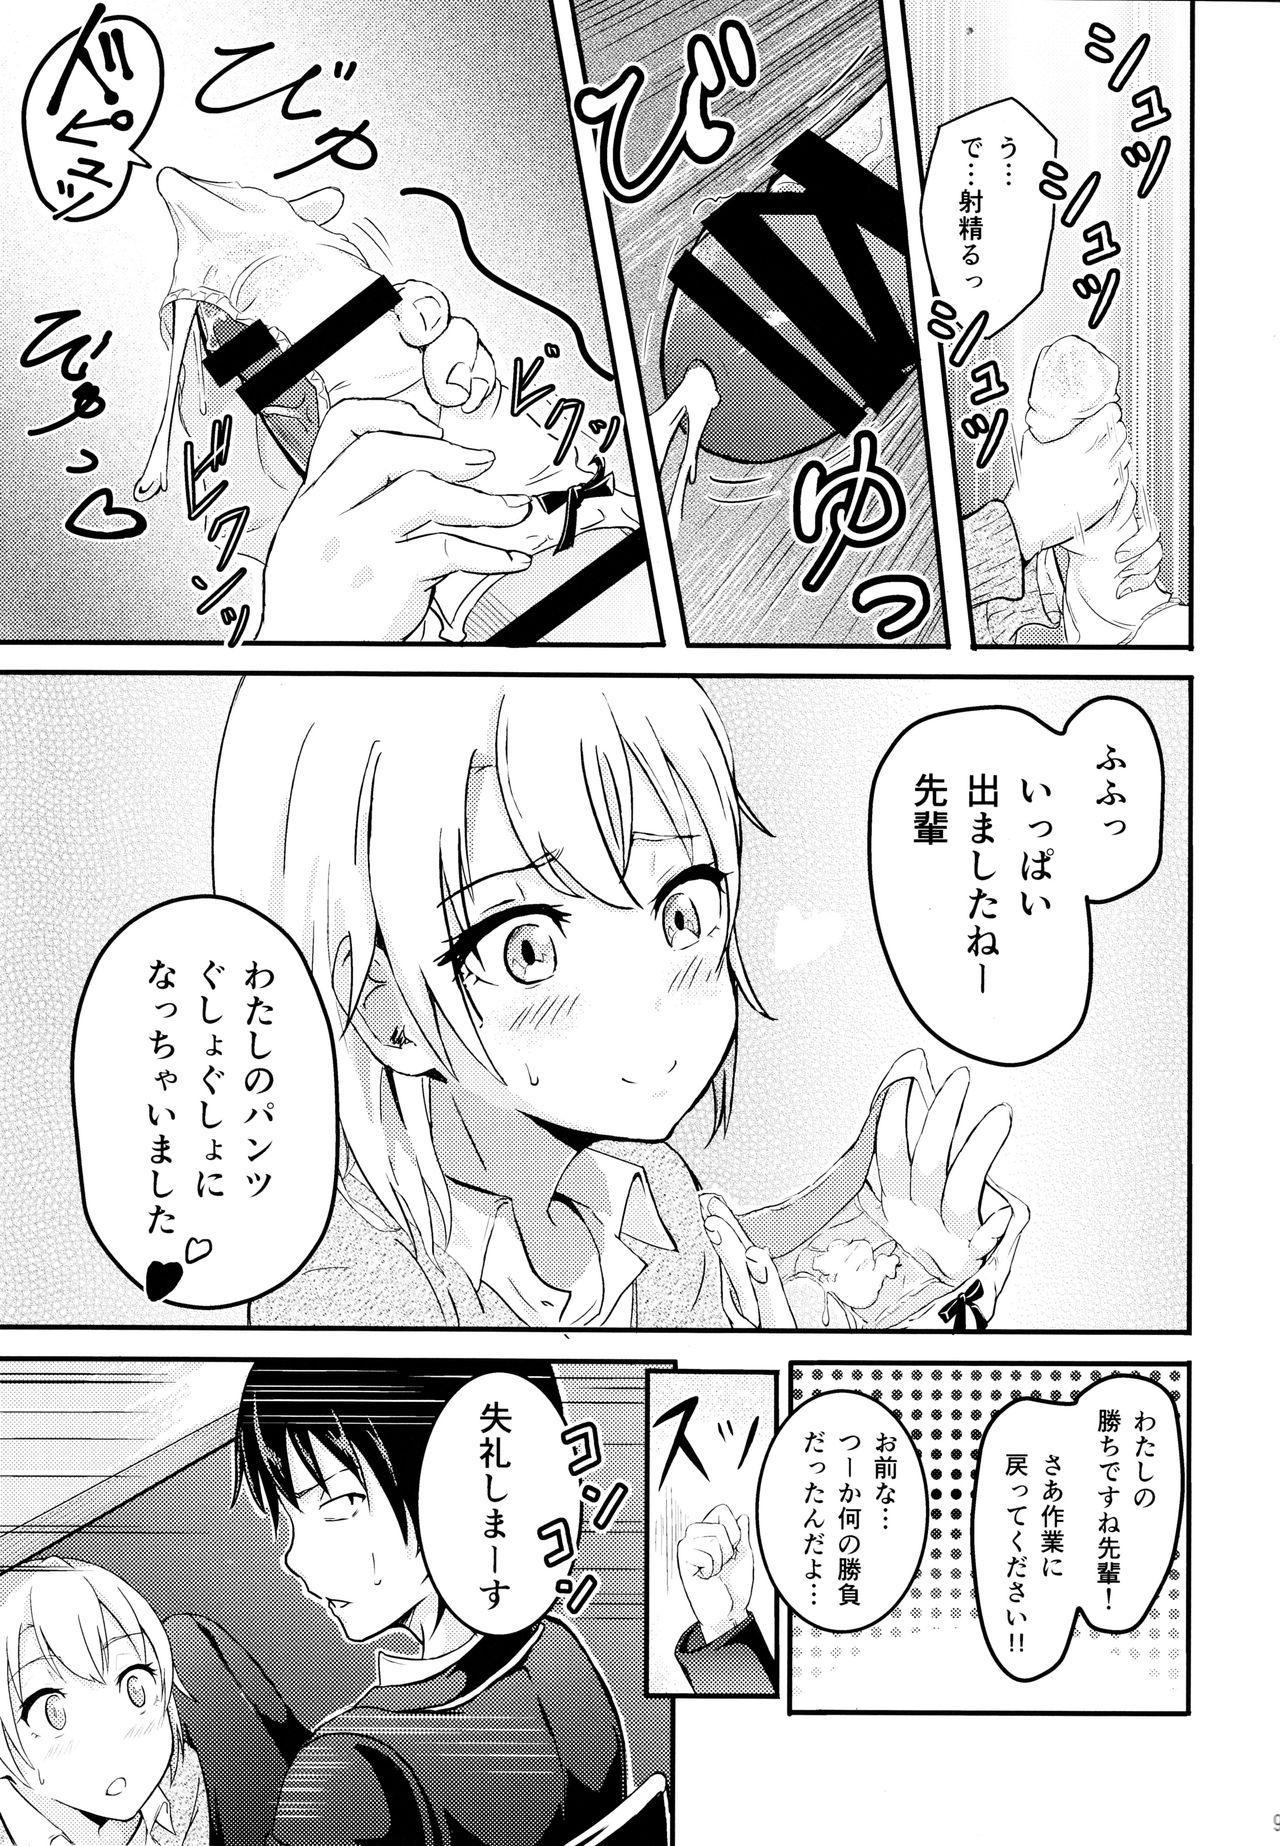 Iroha 7